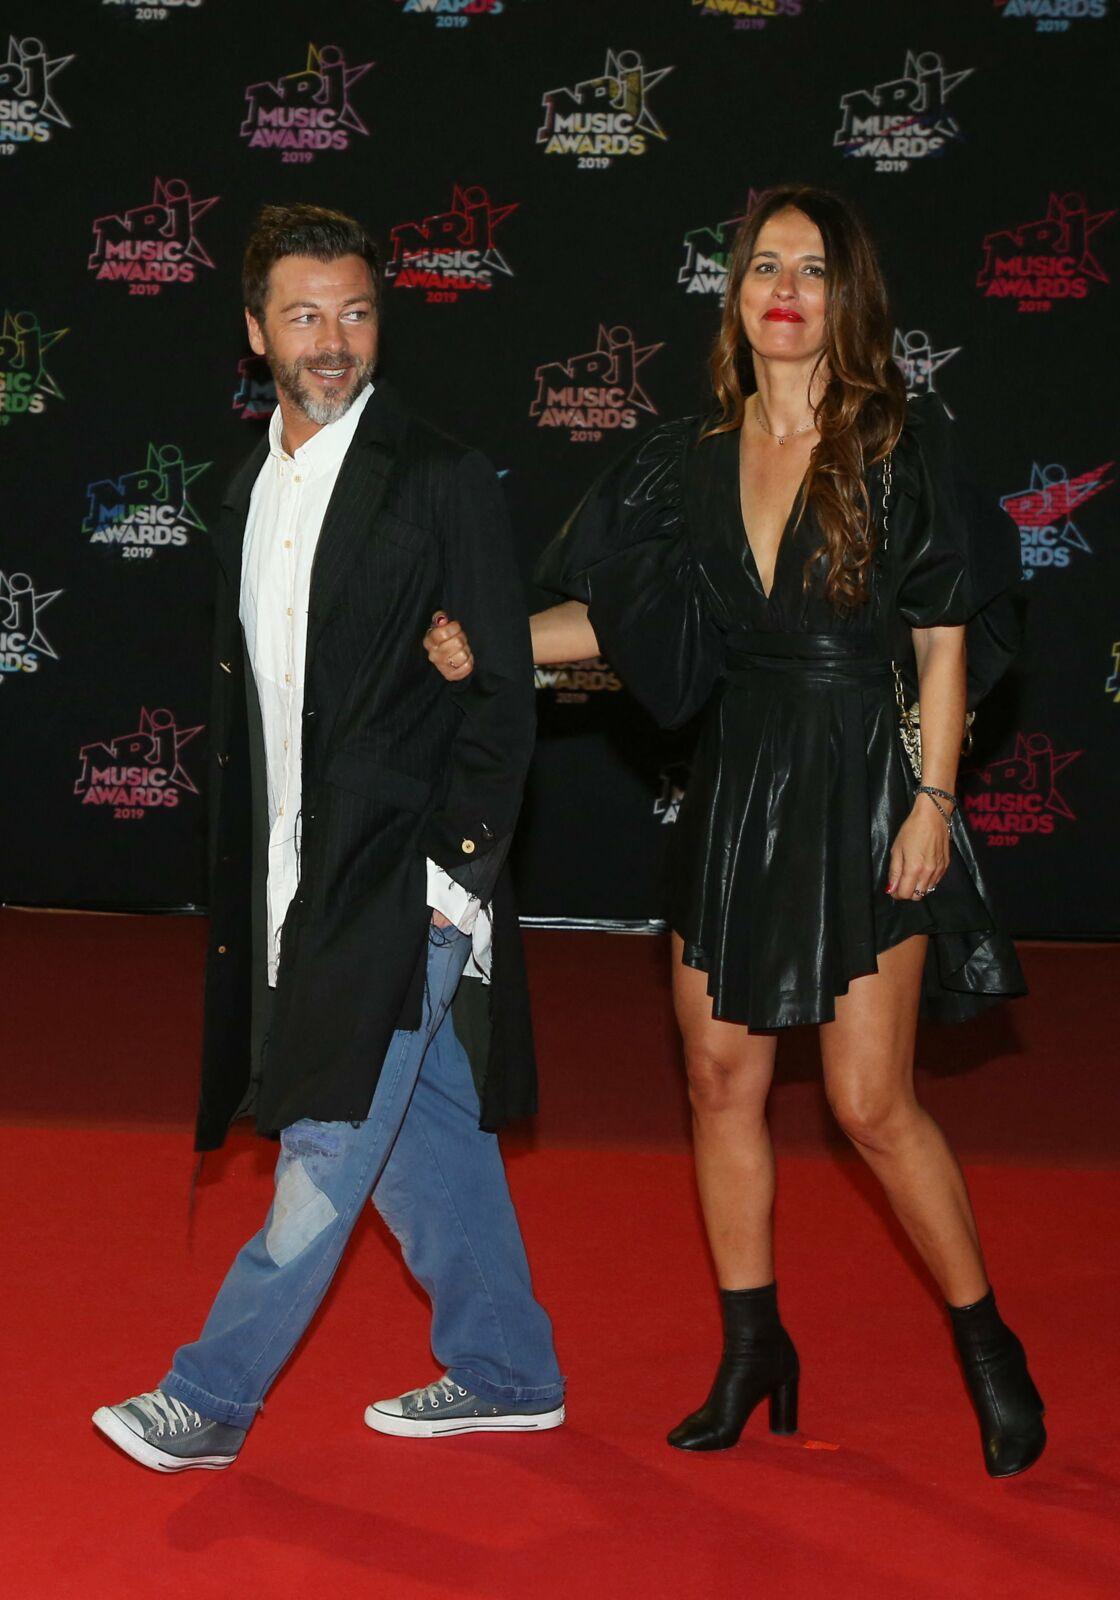 Christophe Maé et sa femme Nadège Sarron - 21ème édition des NRJ Music Awards au Palais des festivals à Cannes le 9 novembre 2019